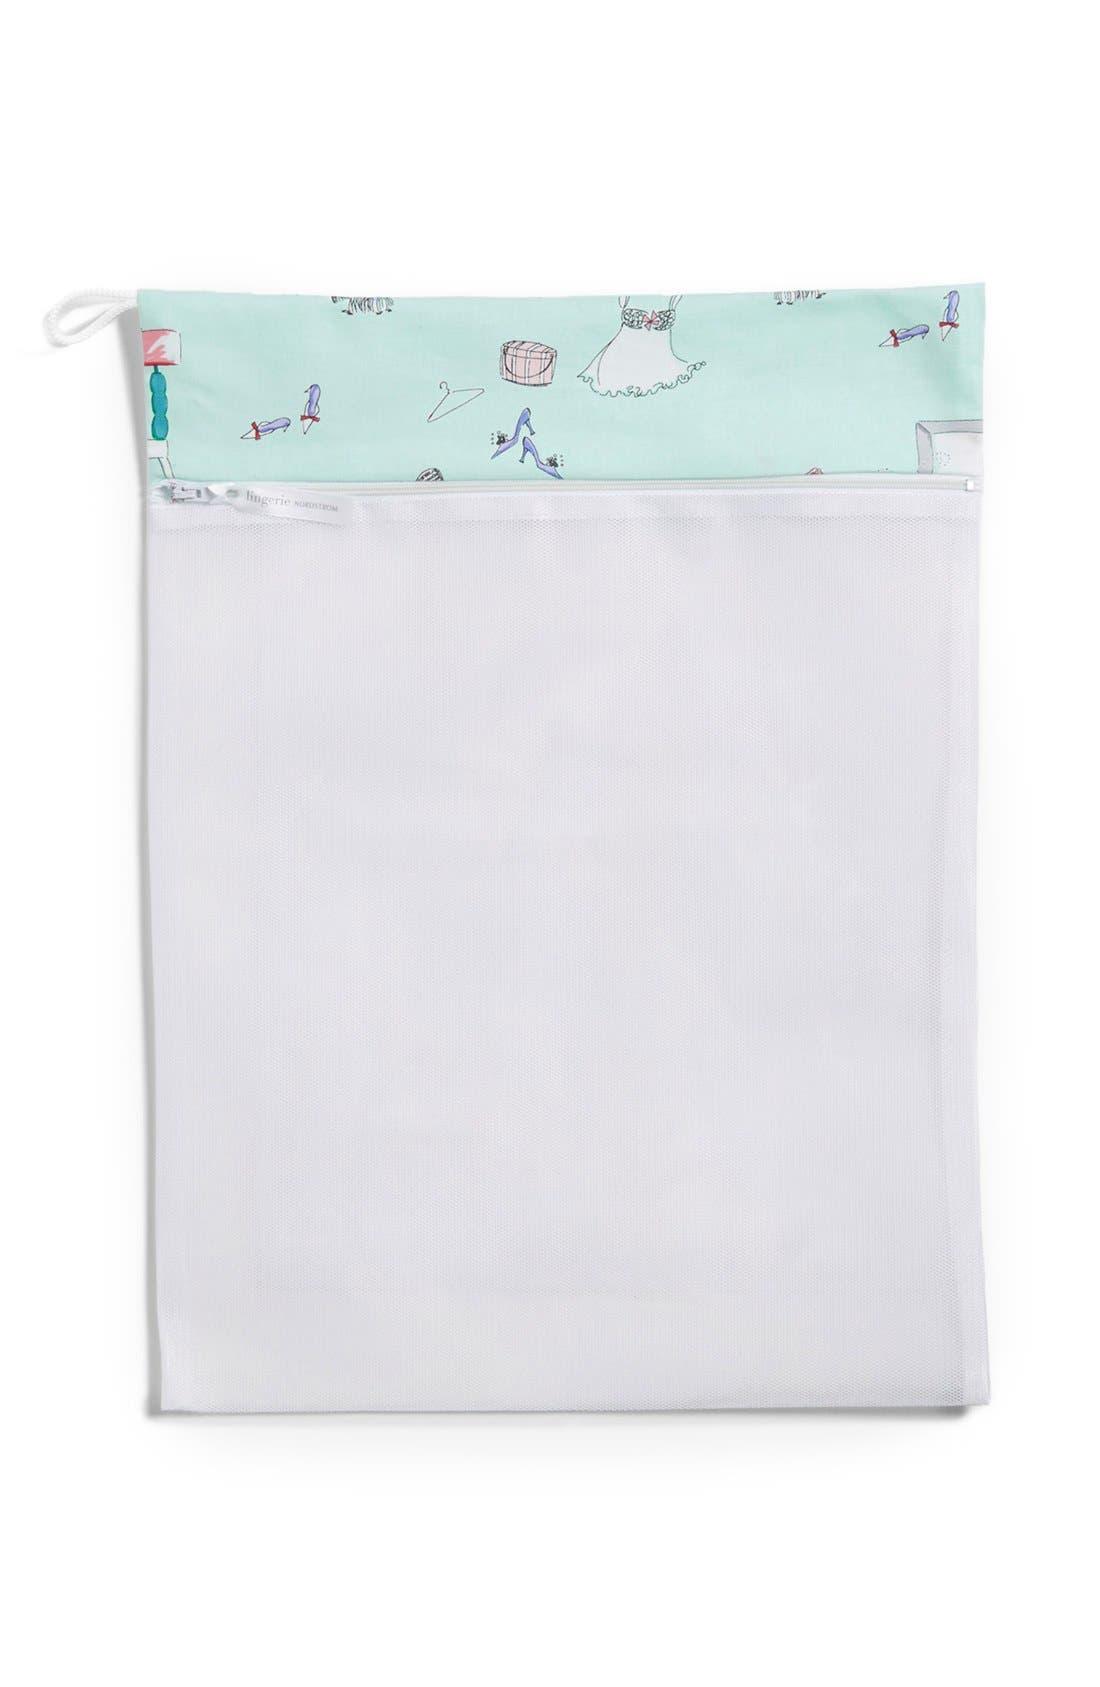 Alternate Image 1 Selected - Nordstrom Intimates Print Trim Lingerie Wash Bag